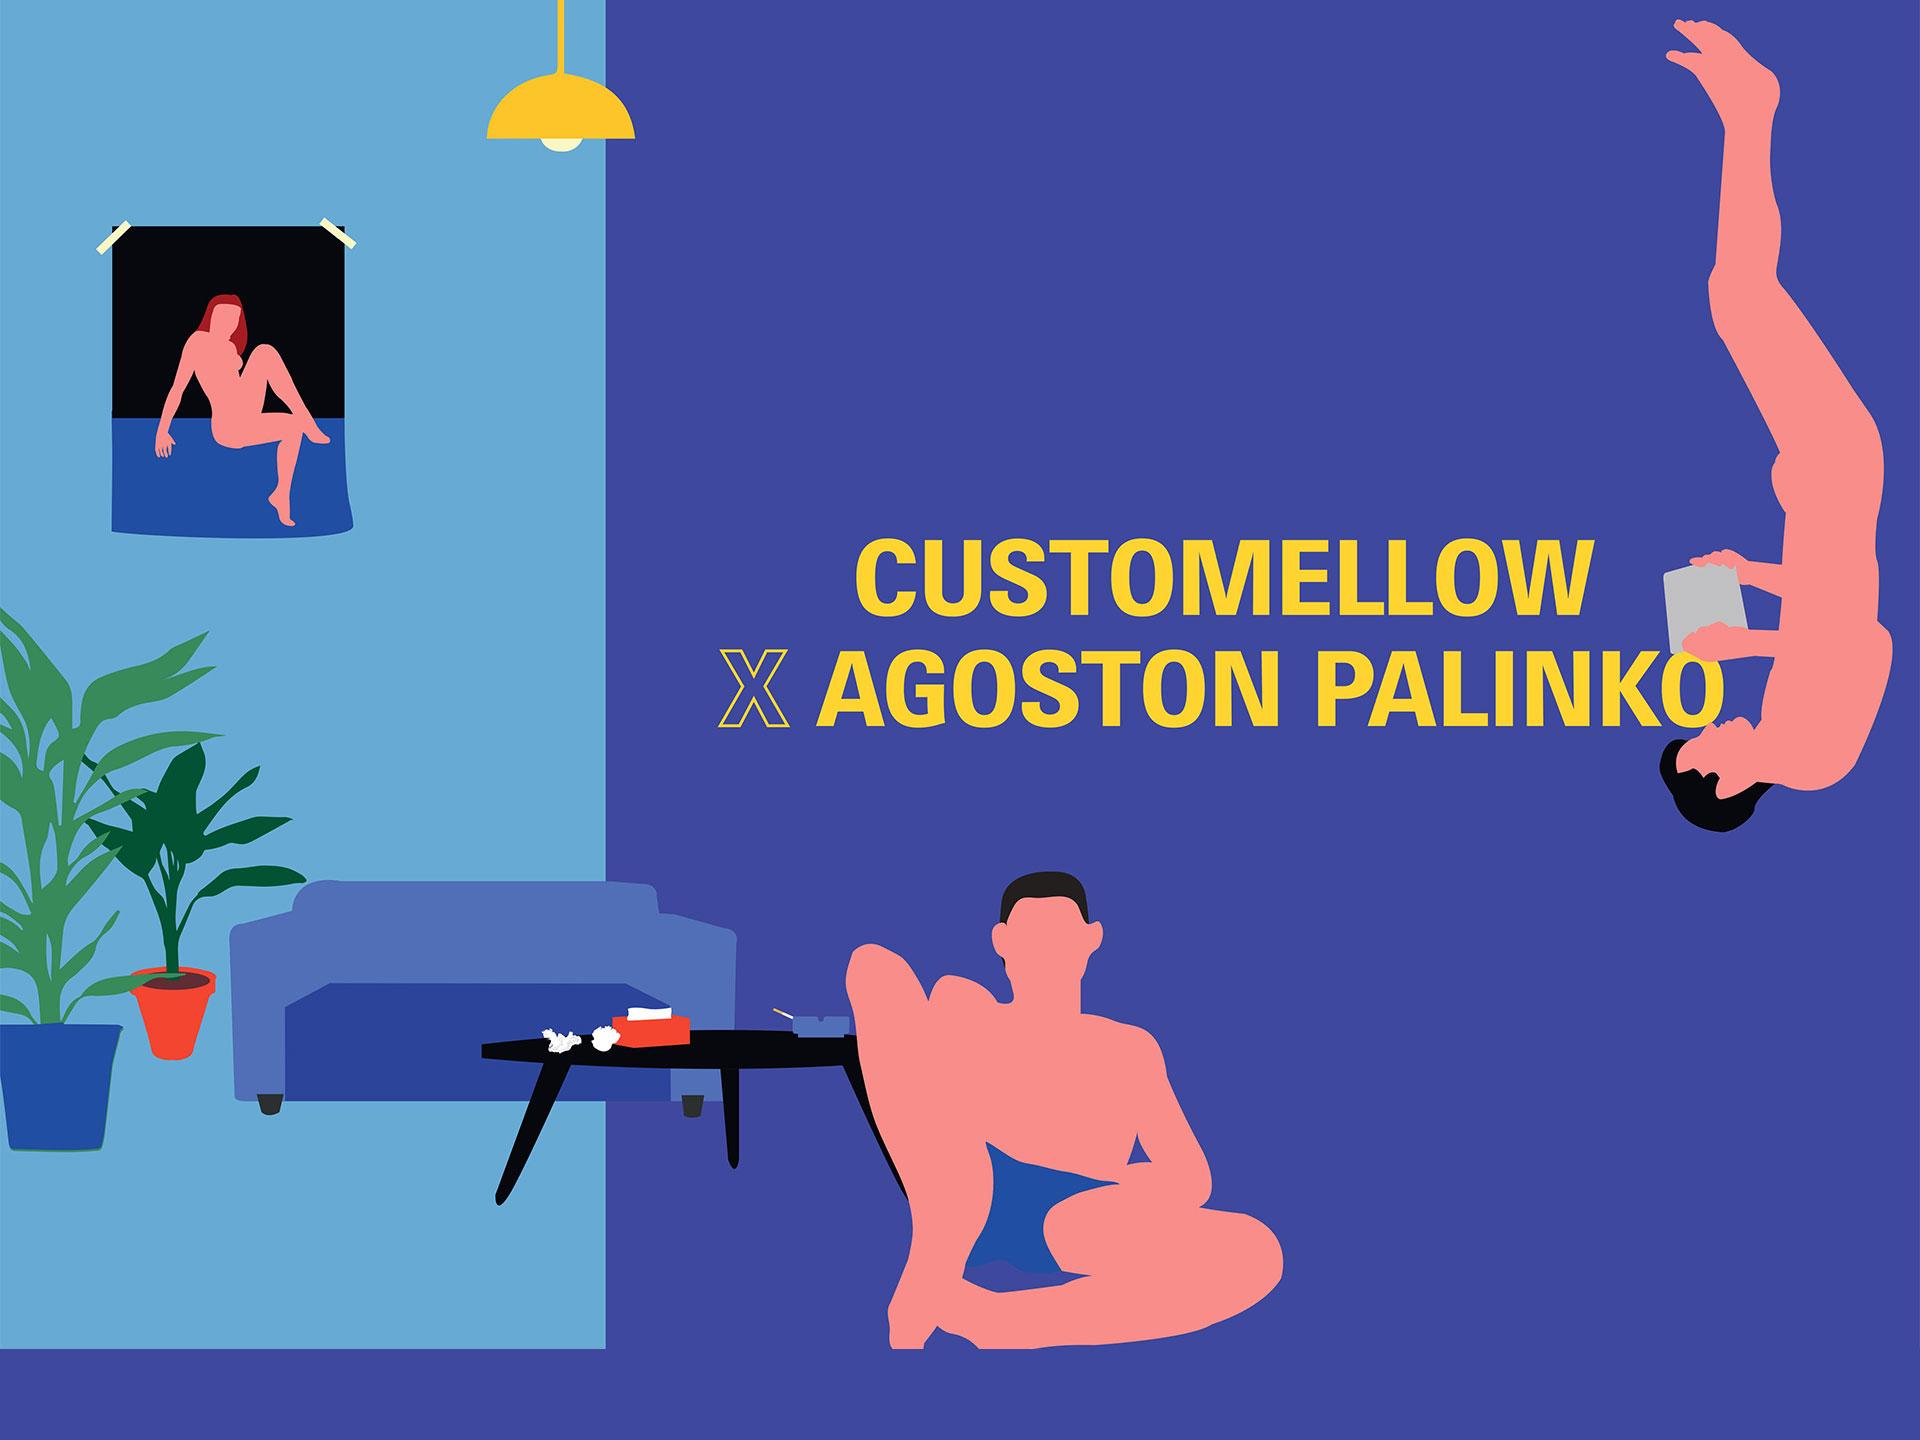 CUSTOMELLOW X AGOSTON PALINKO